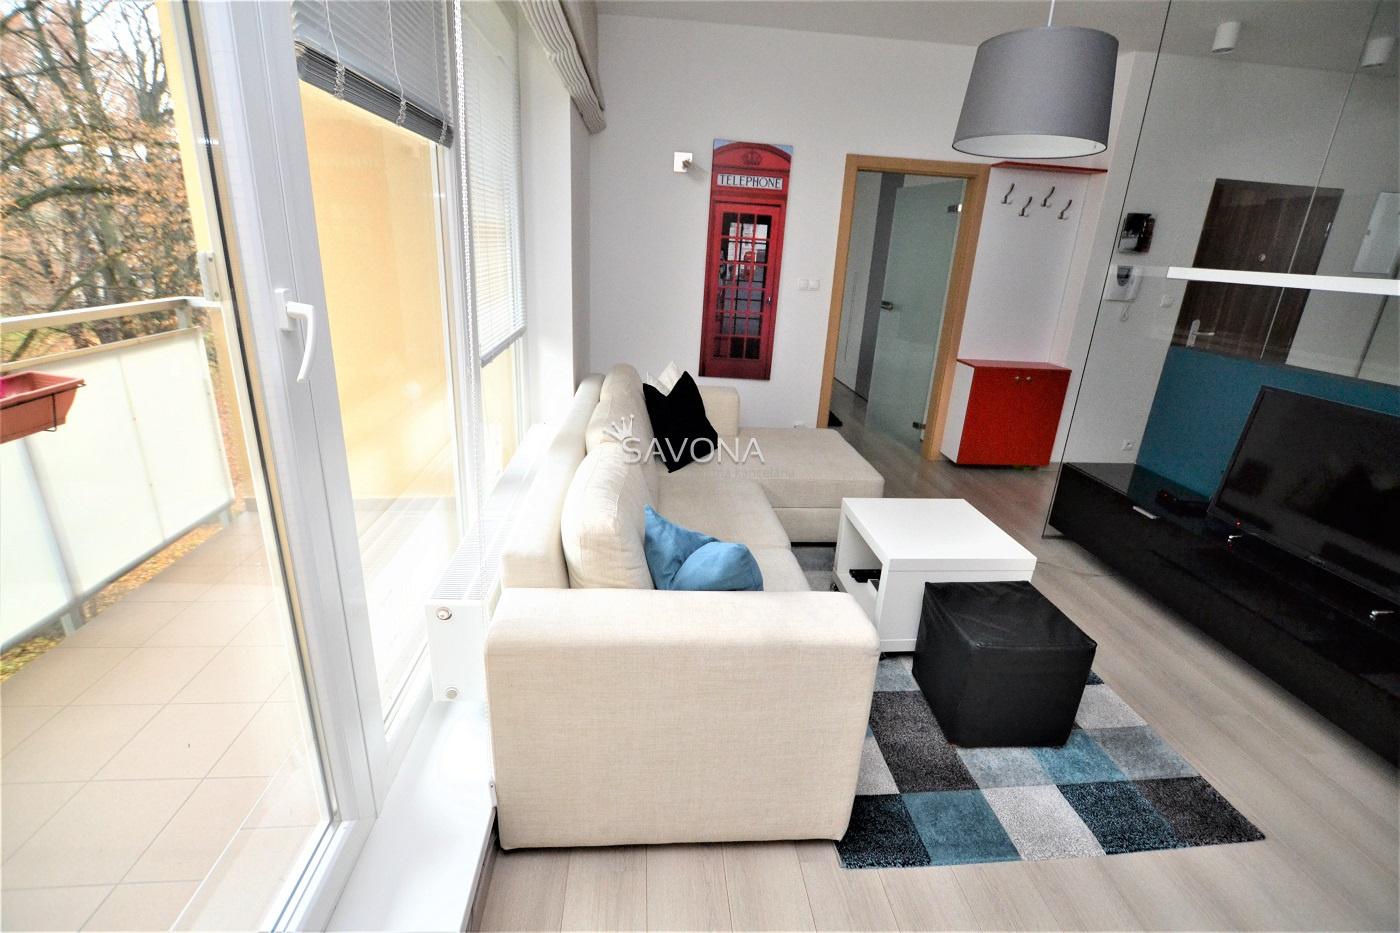 PRENAJATÝ – zariadený 3 izbový byt v blízkosti centra - ul. Francisciho, POPRAD